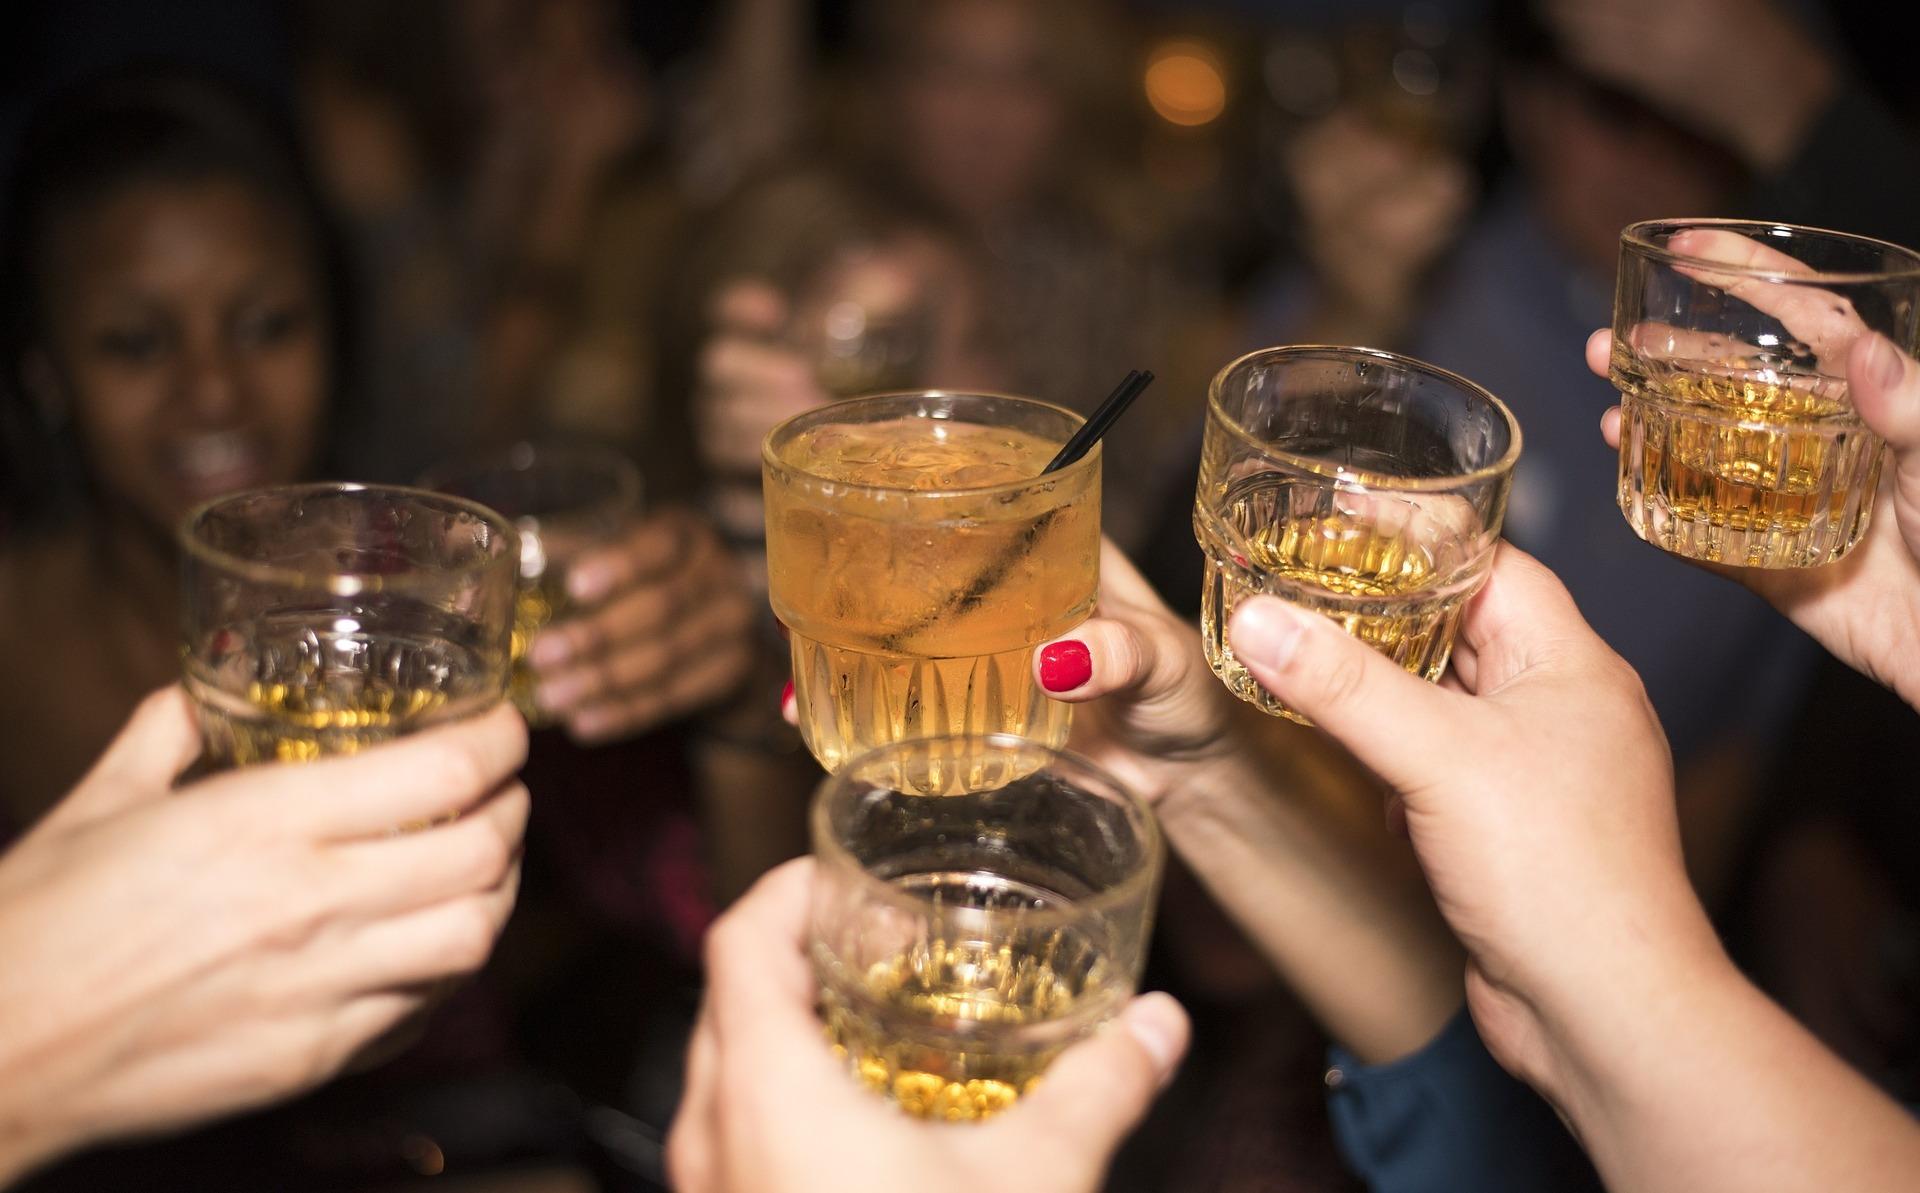 Bijna 1 op de 10 volwassenen is 'zware drinker'